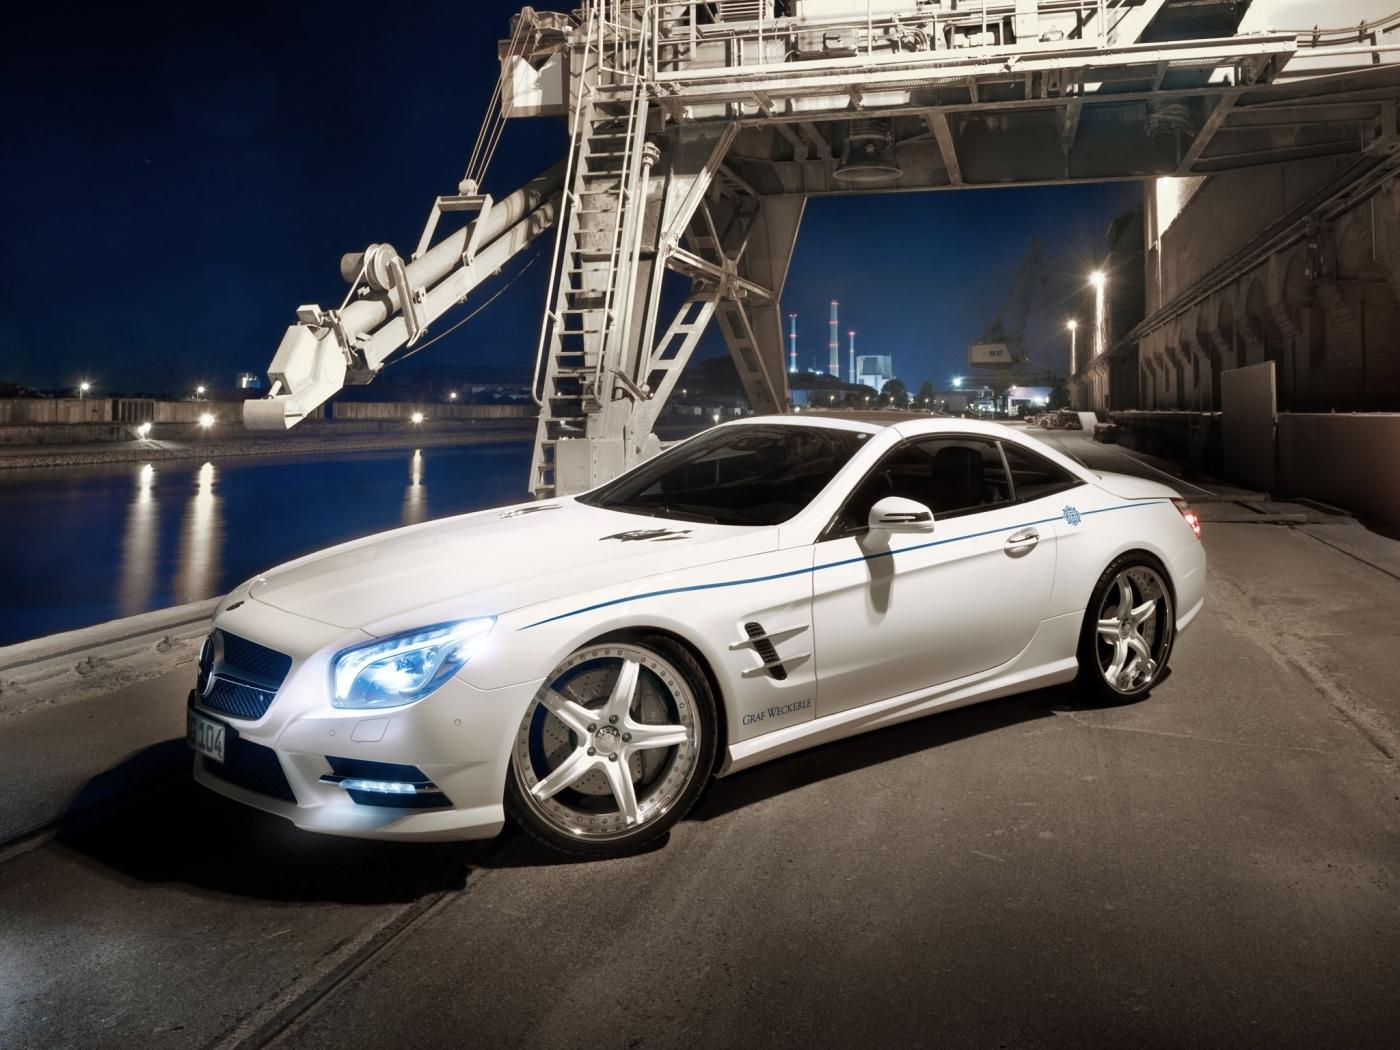 44259 скачать обои Транспорт, Машины, Мерседес (Mercedes) - заставки и картинки бесплатно